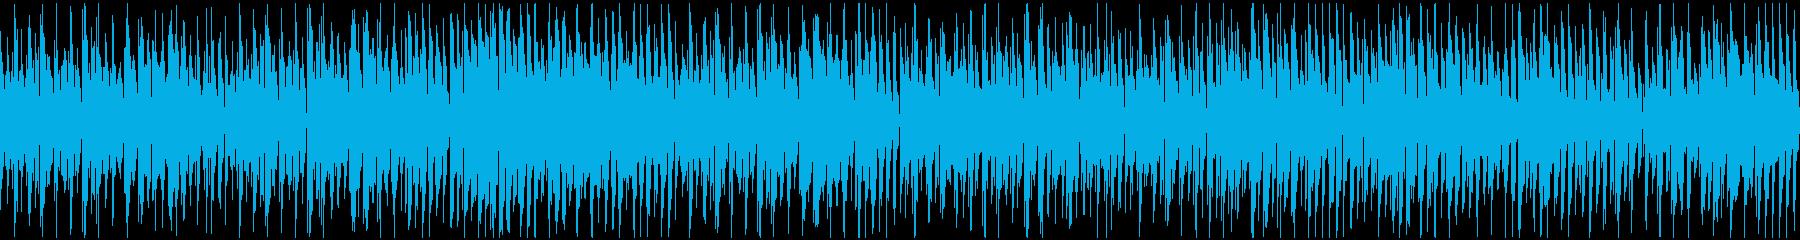 春の陽気 明るい日常系ジャズ(ループの再生済みの波形